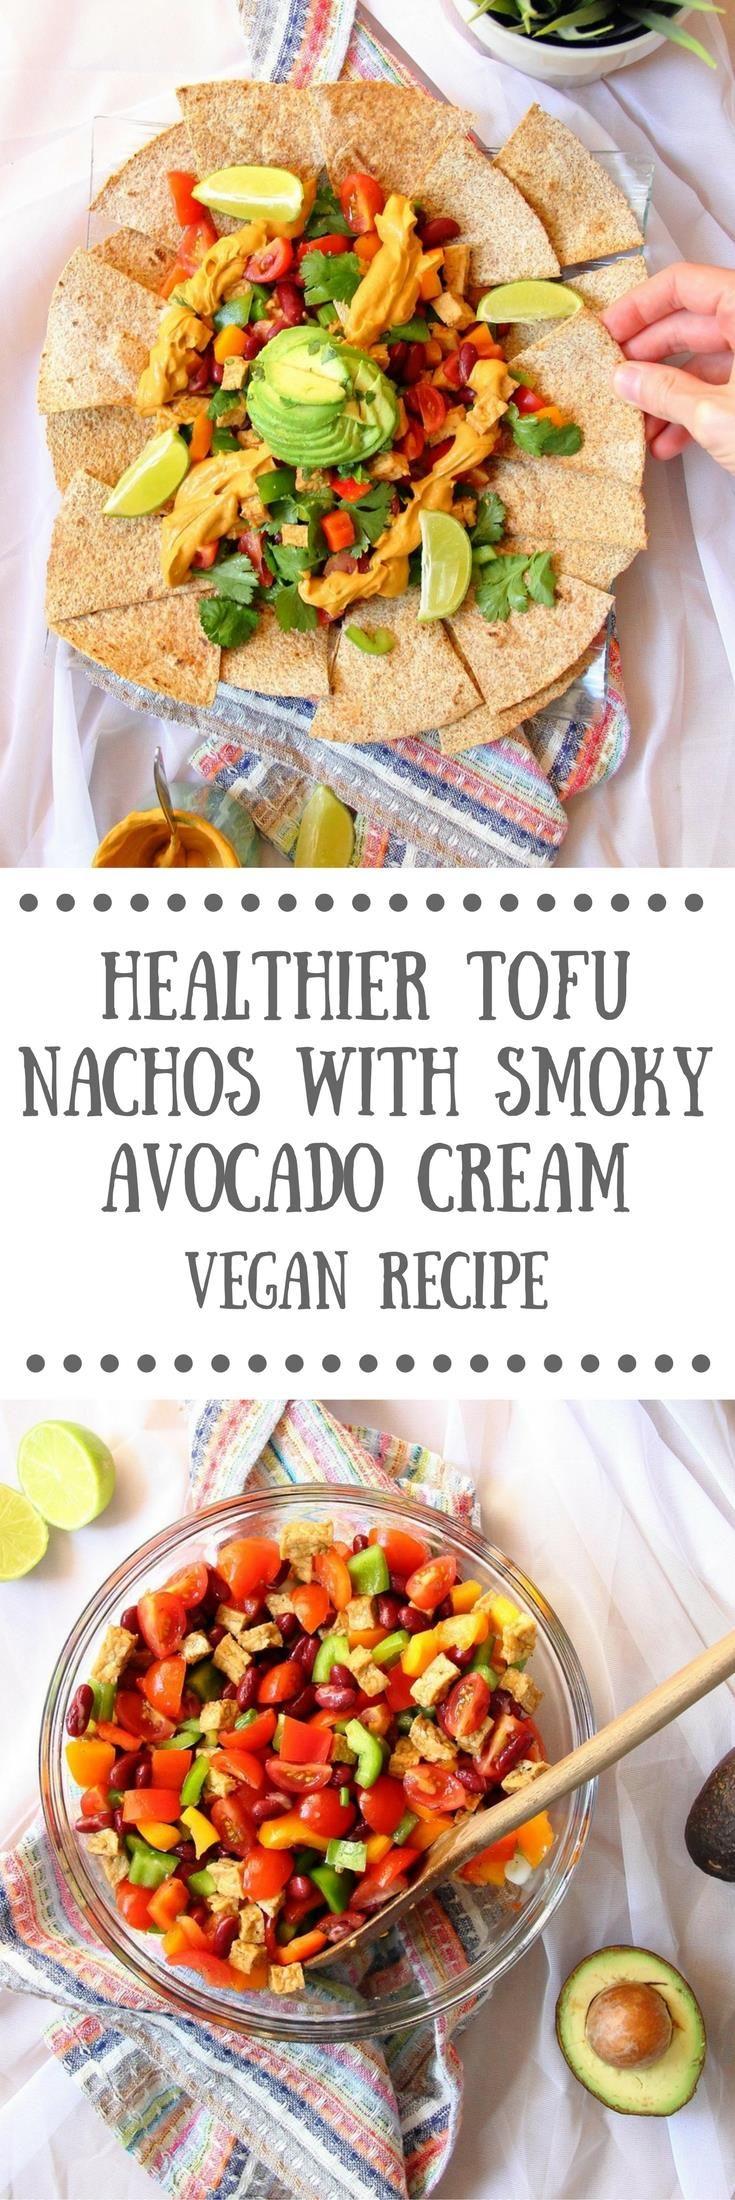 Healthier Tofu Nachos with Smoky Avocado Cream | Vegan Recipe by The Tofu Diaries